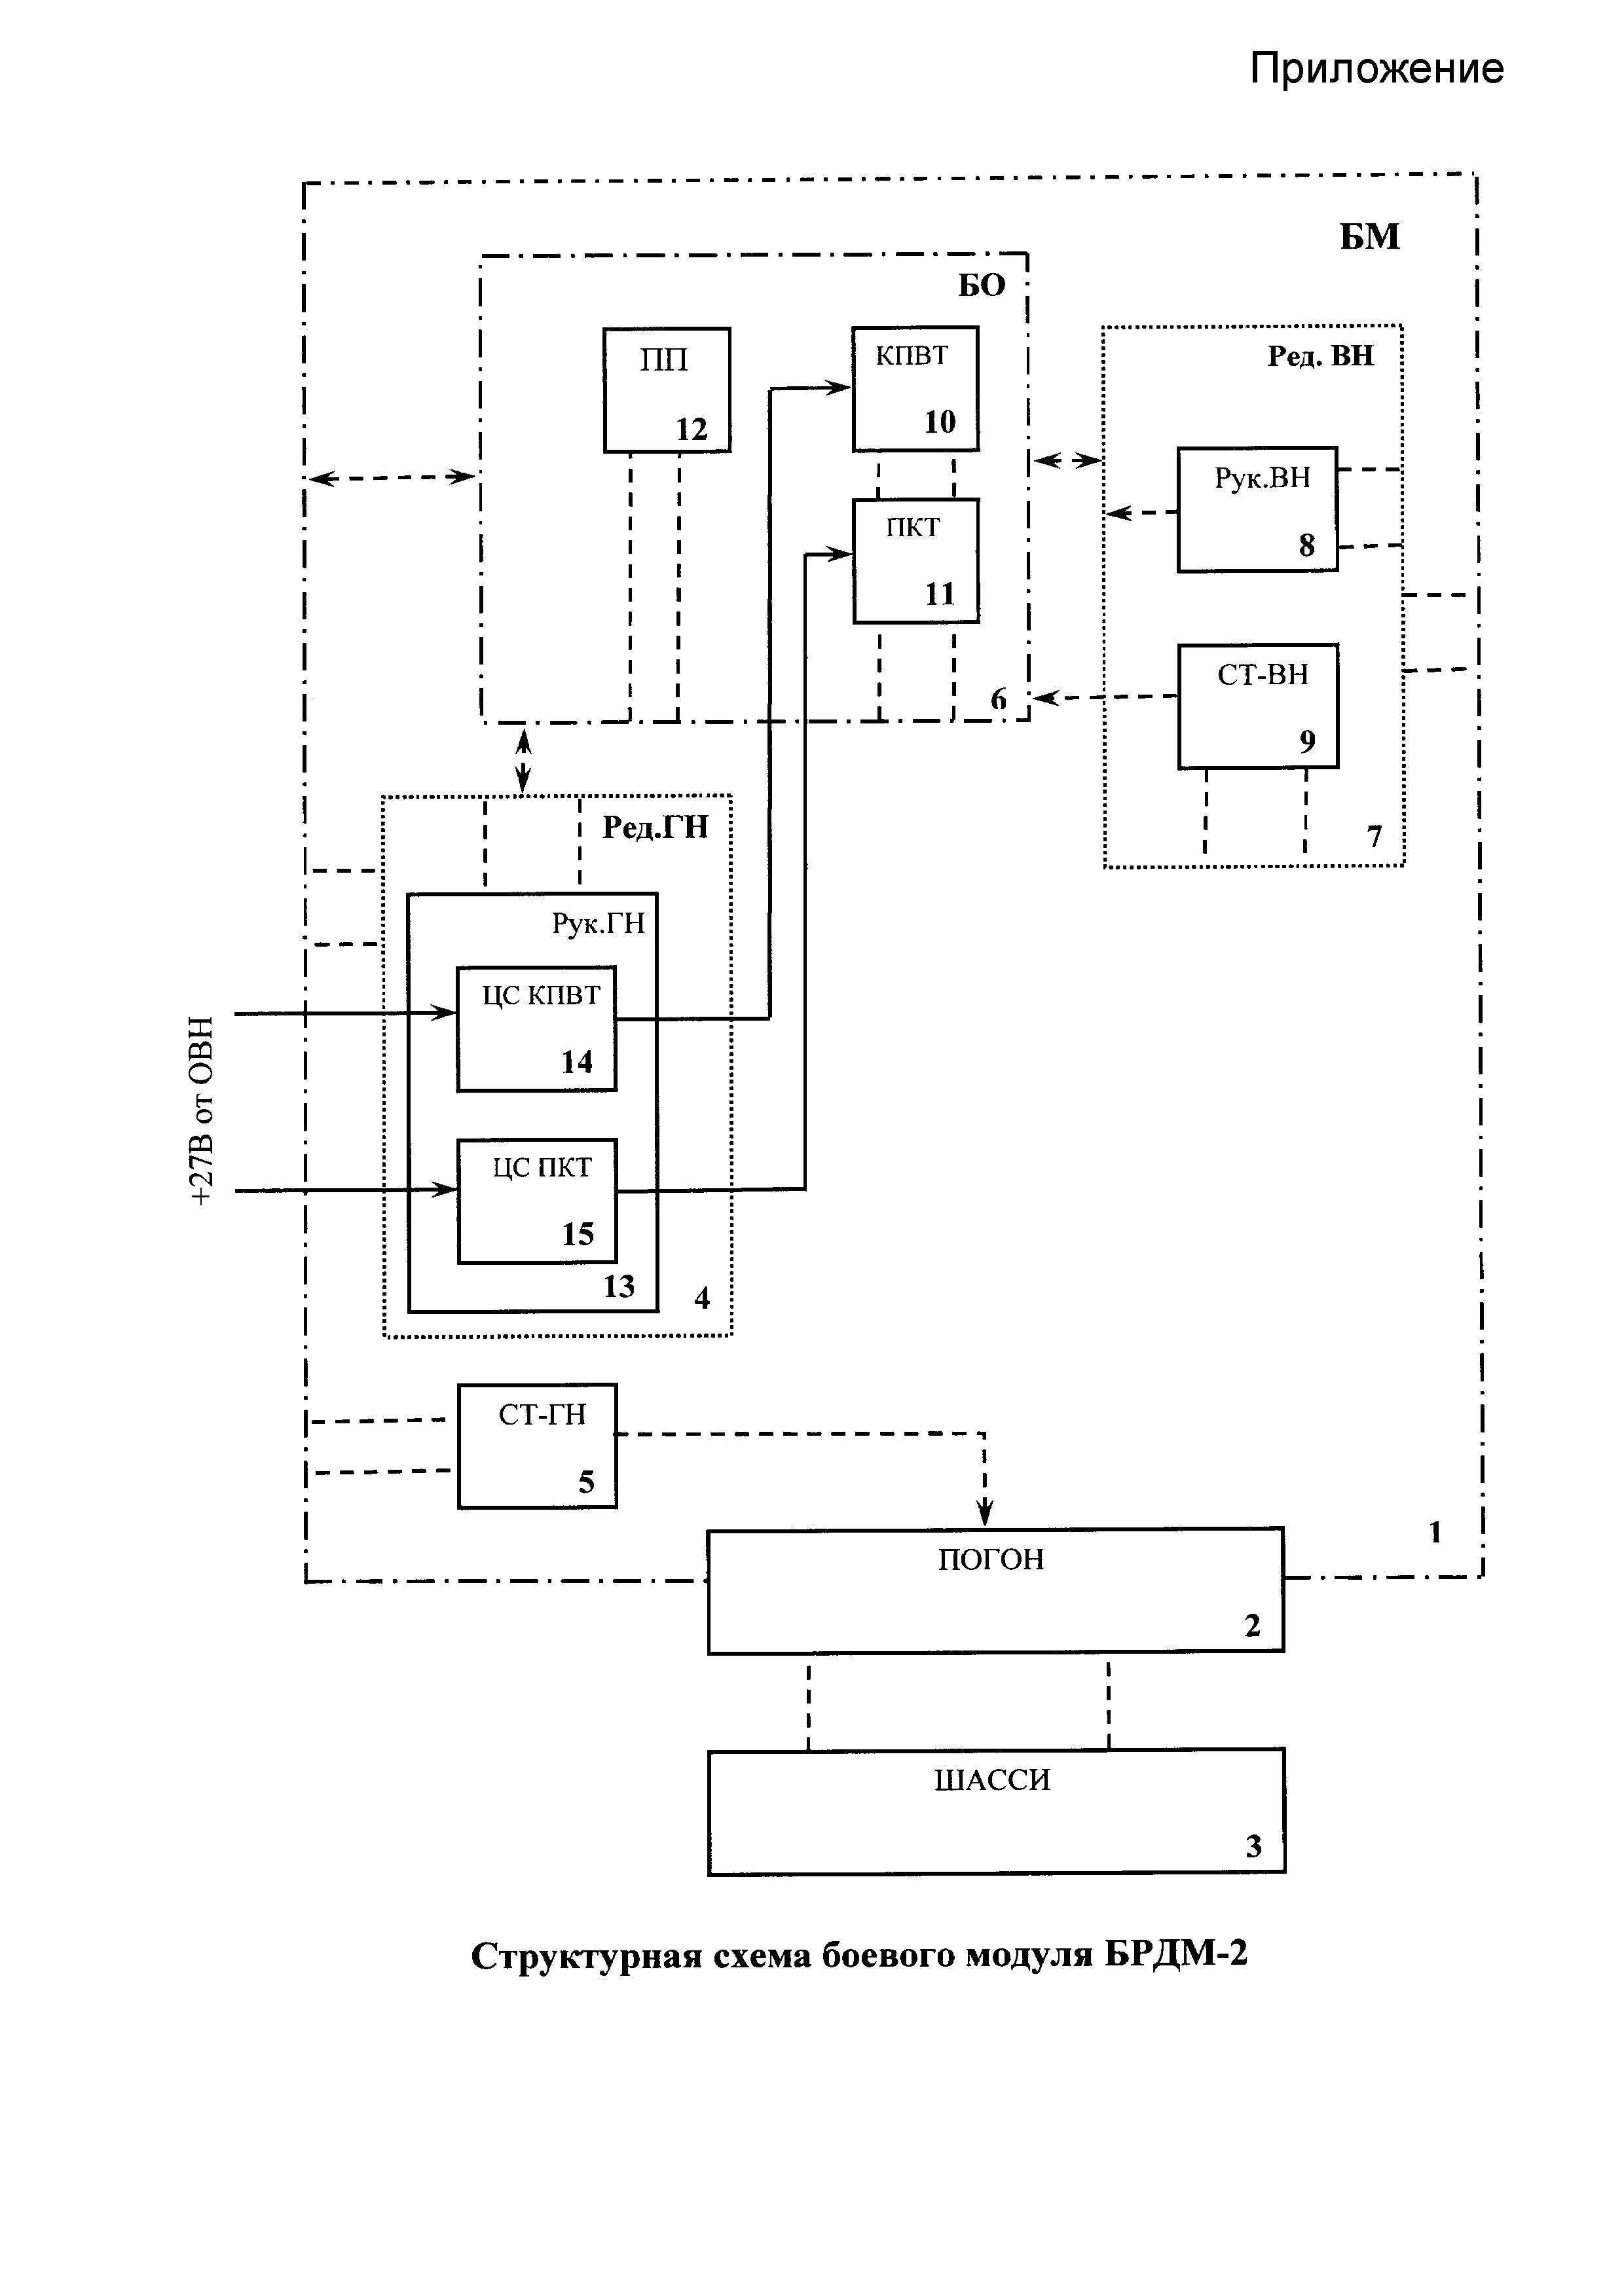 Стабилизатор вооружения дистанционно управляемого боевого модуля